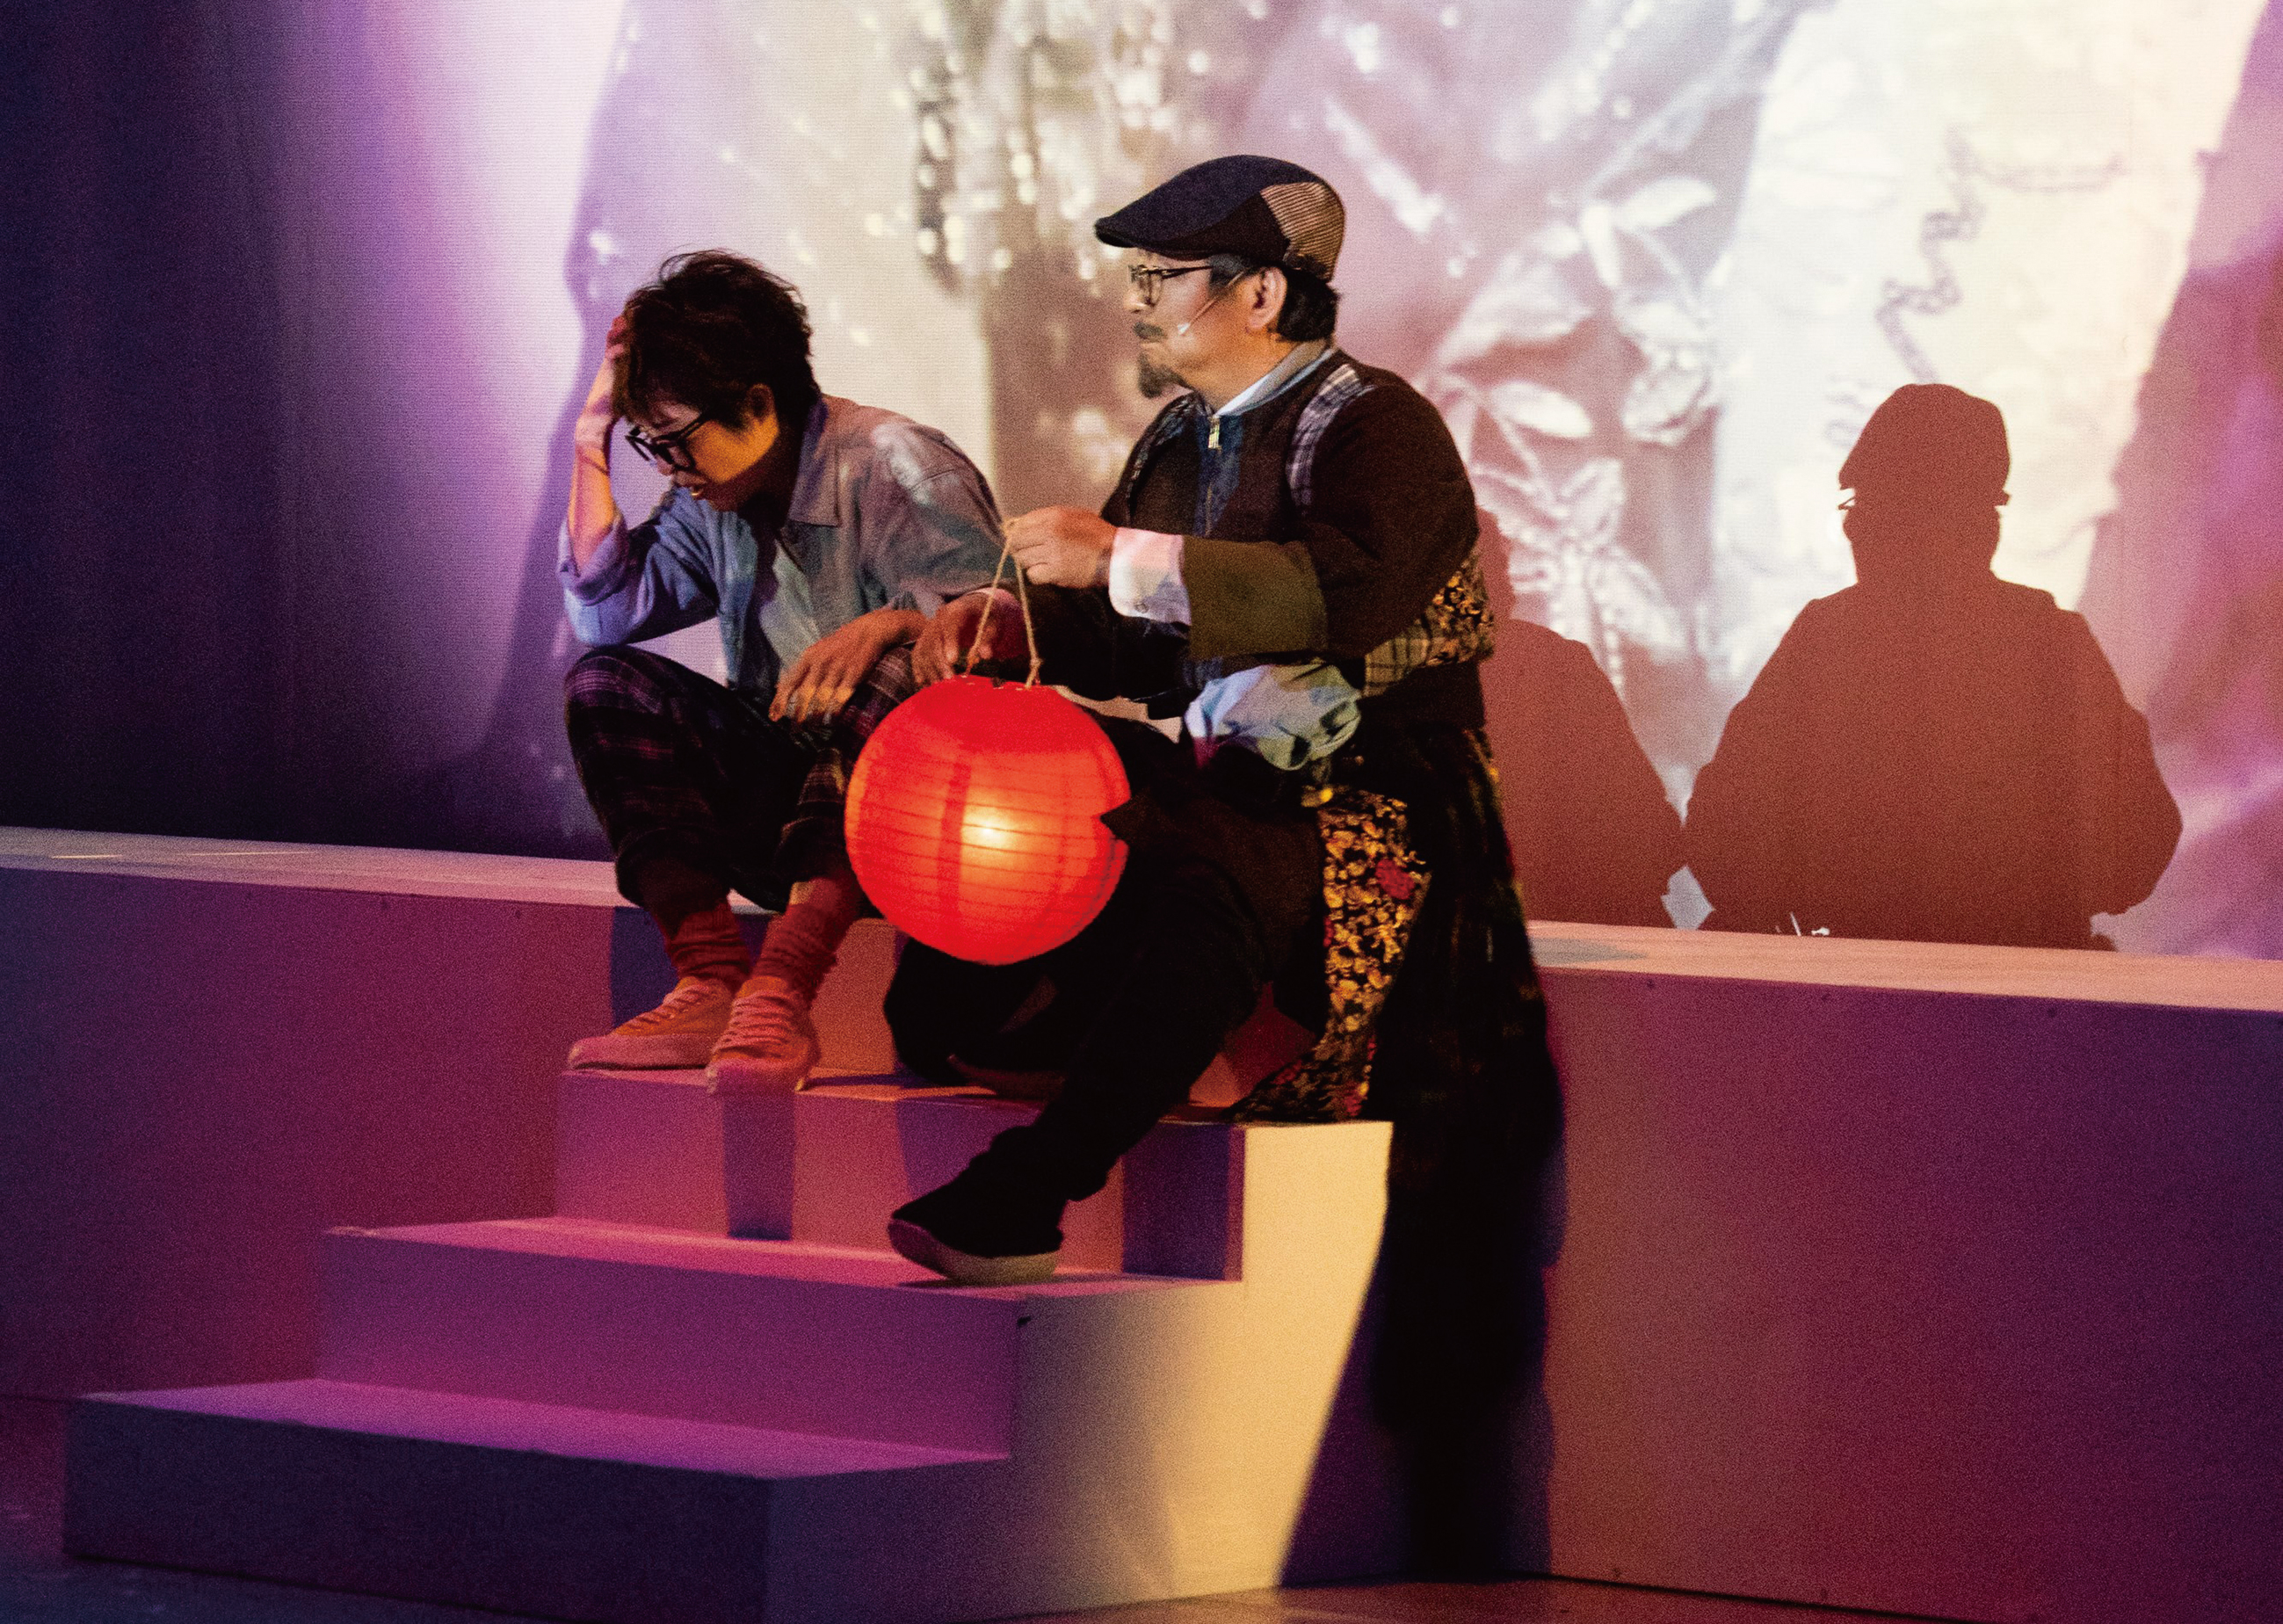 2019年第六屆的青藝節延續命題概念,持續與經典對話,元和劇子推出《聊齋幻夢》。-01.jpg